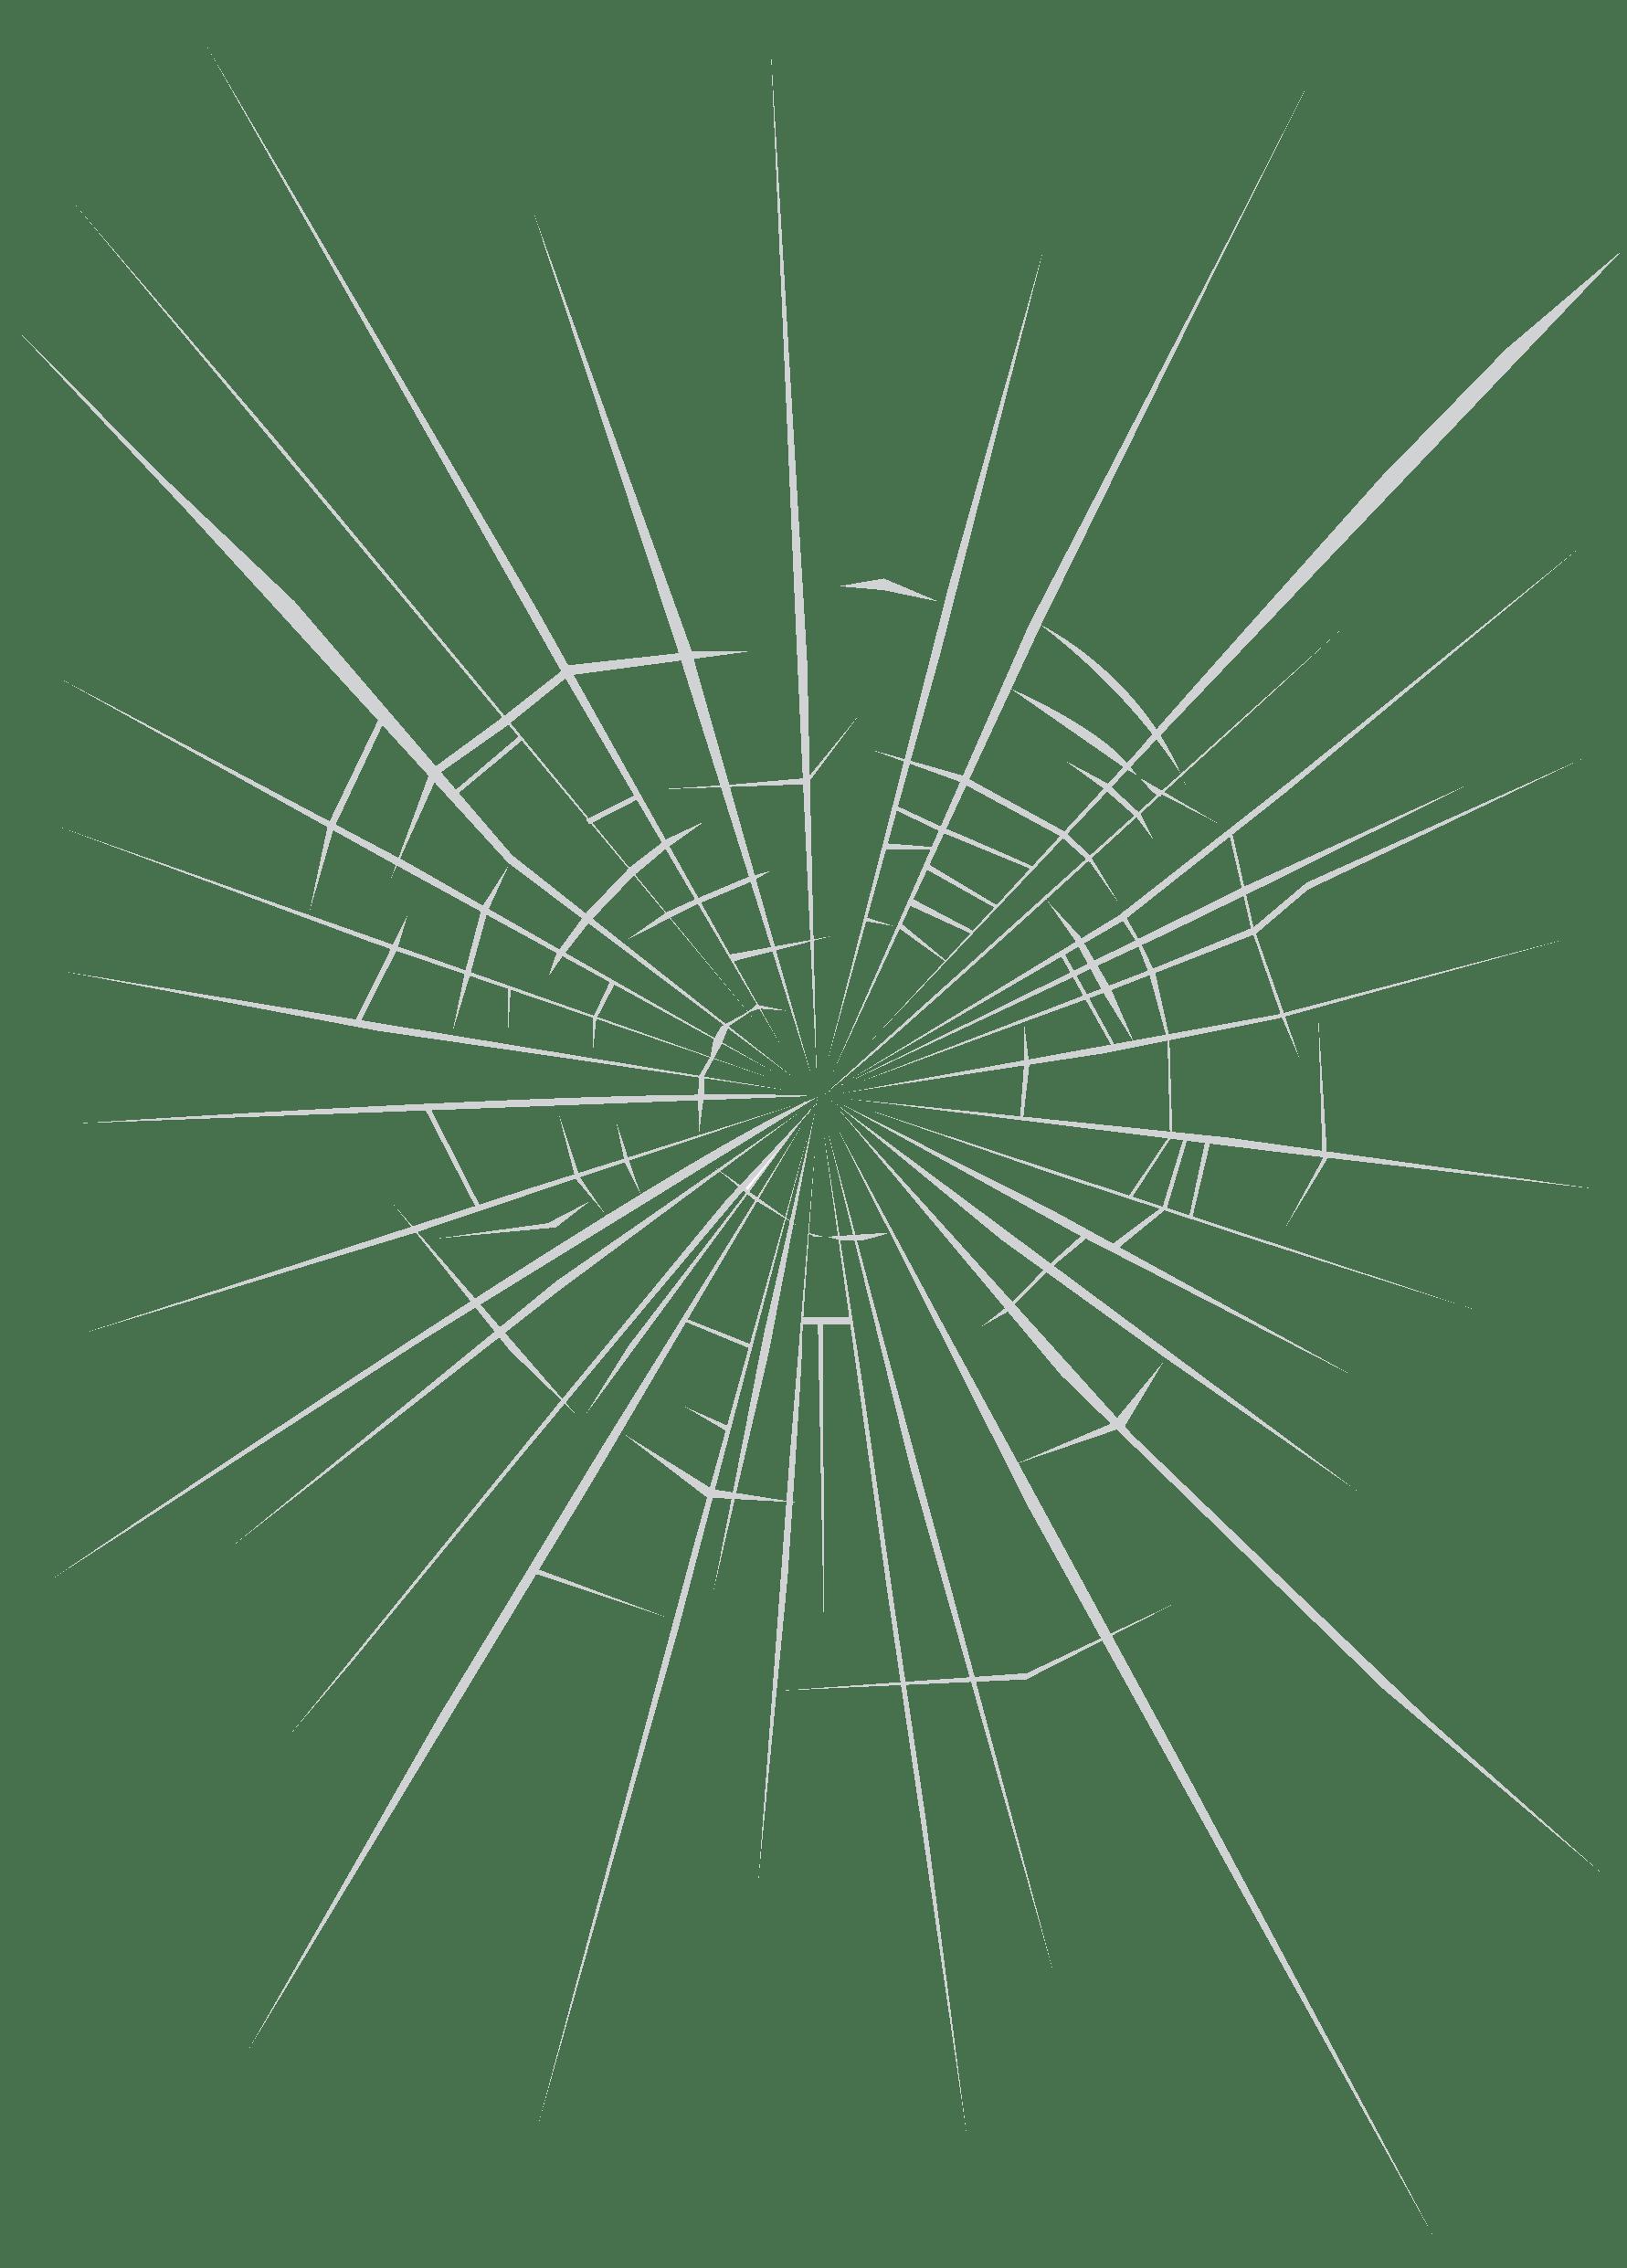 jpg royalty free download Broken Glass transparent PNG images